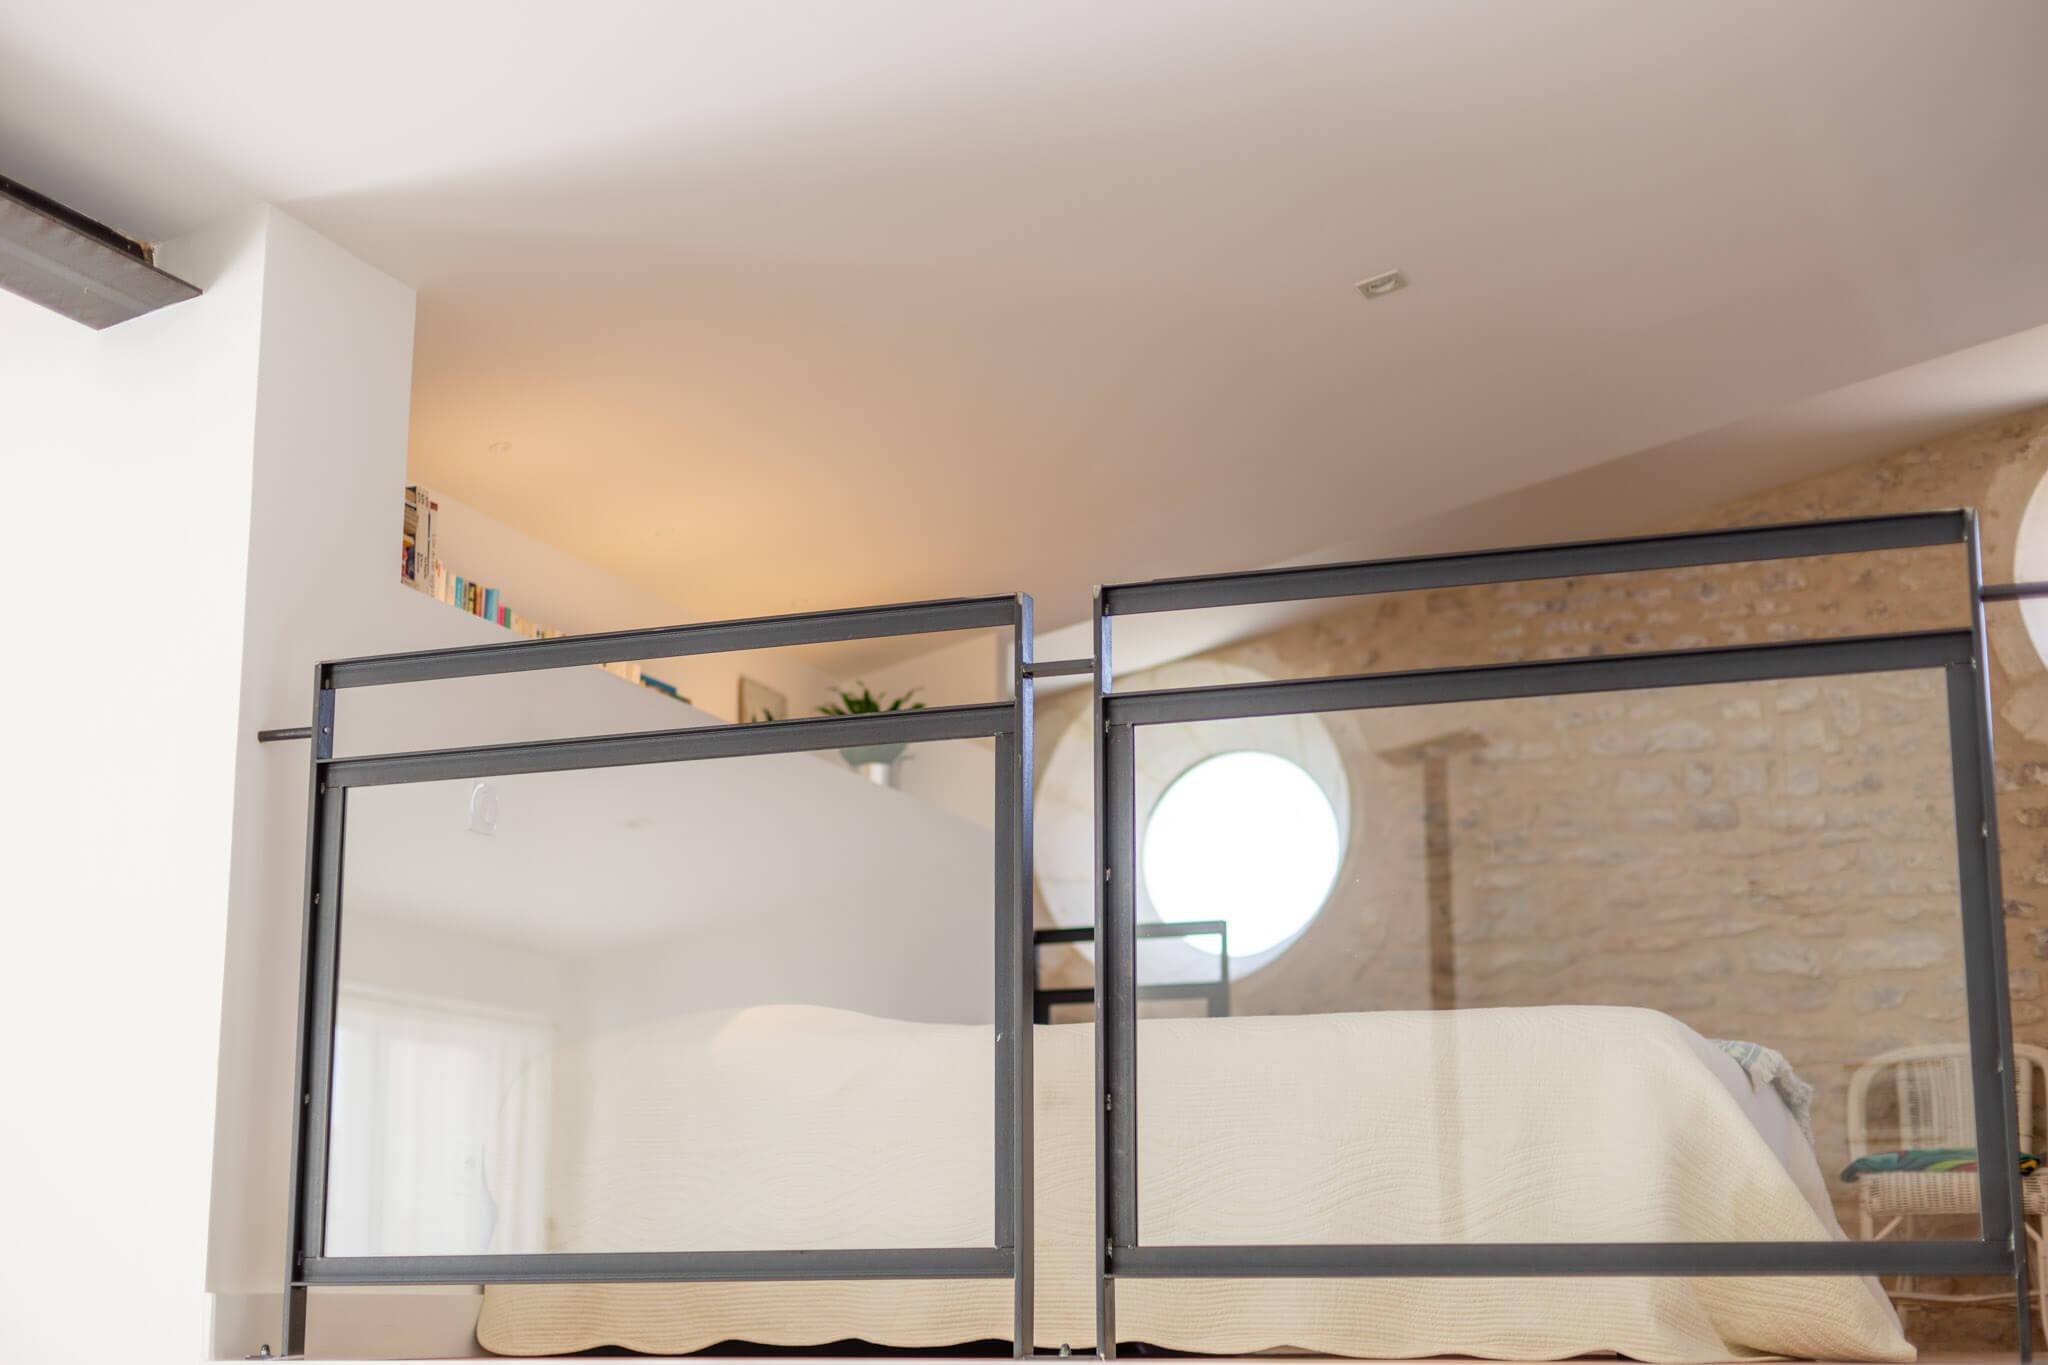 equilibre-la-rochelle-architecte-decoratrice-interieur